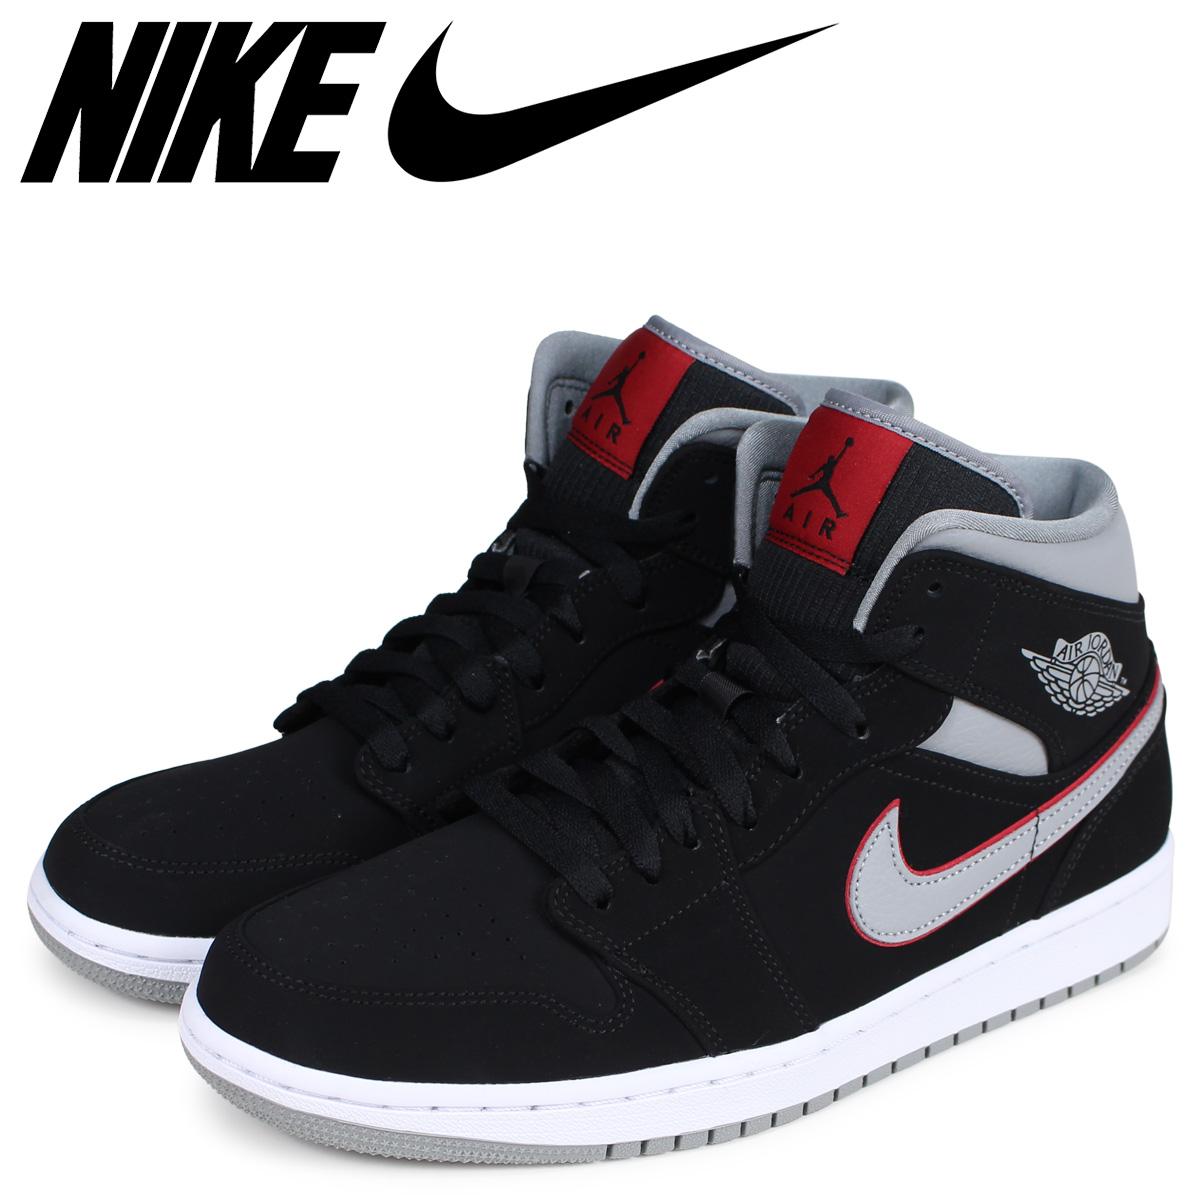 NIKE Nike Air Jordan 1 sneakers men AIR JORDAN 1 MID black black 554,724 060